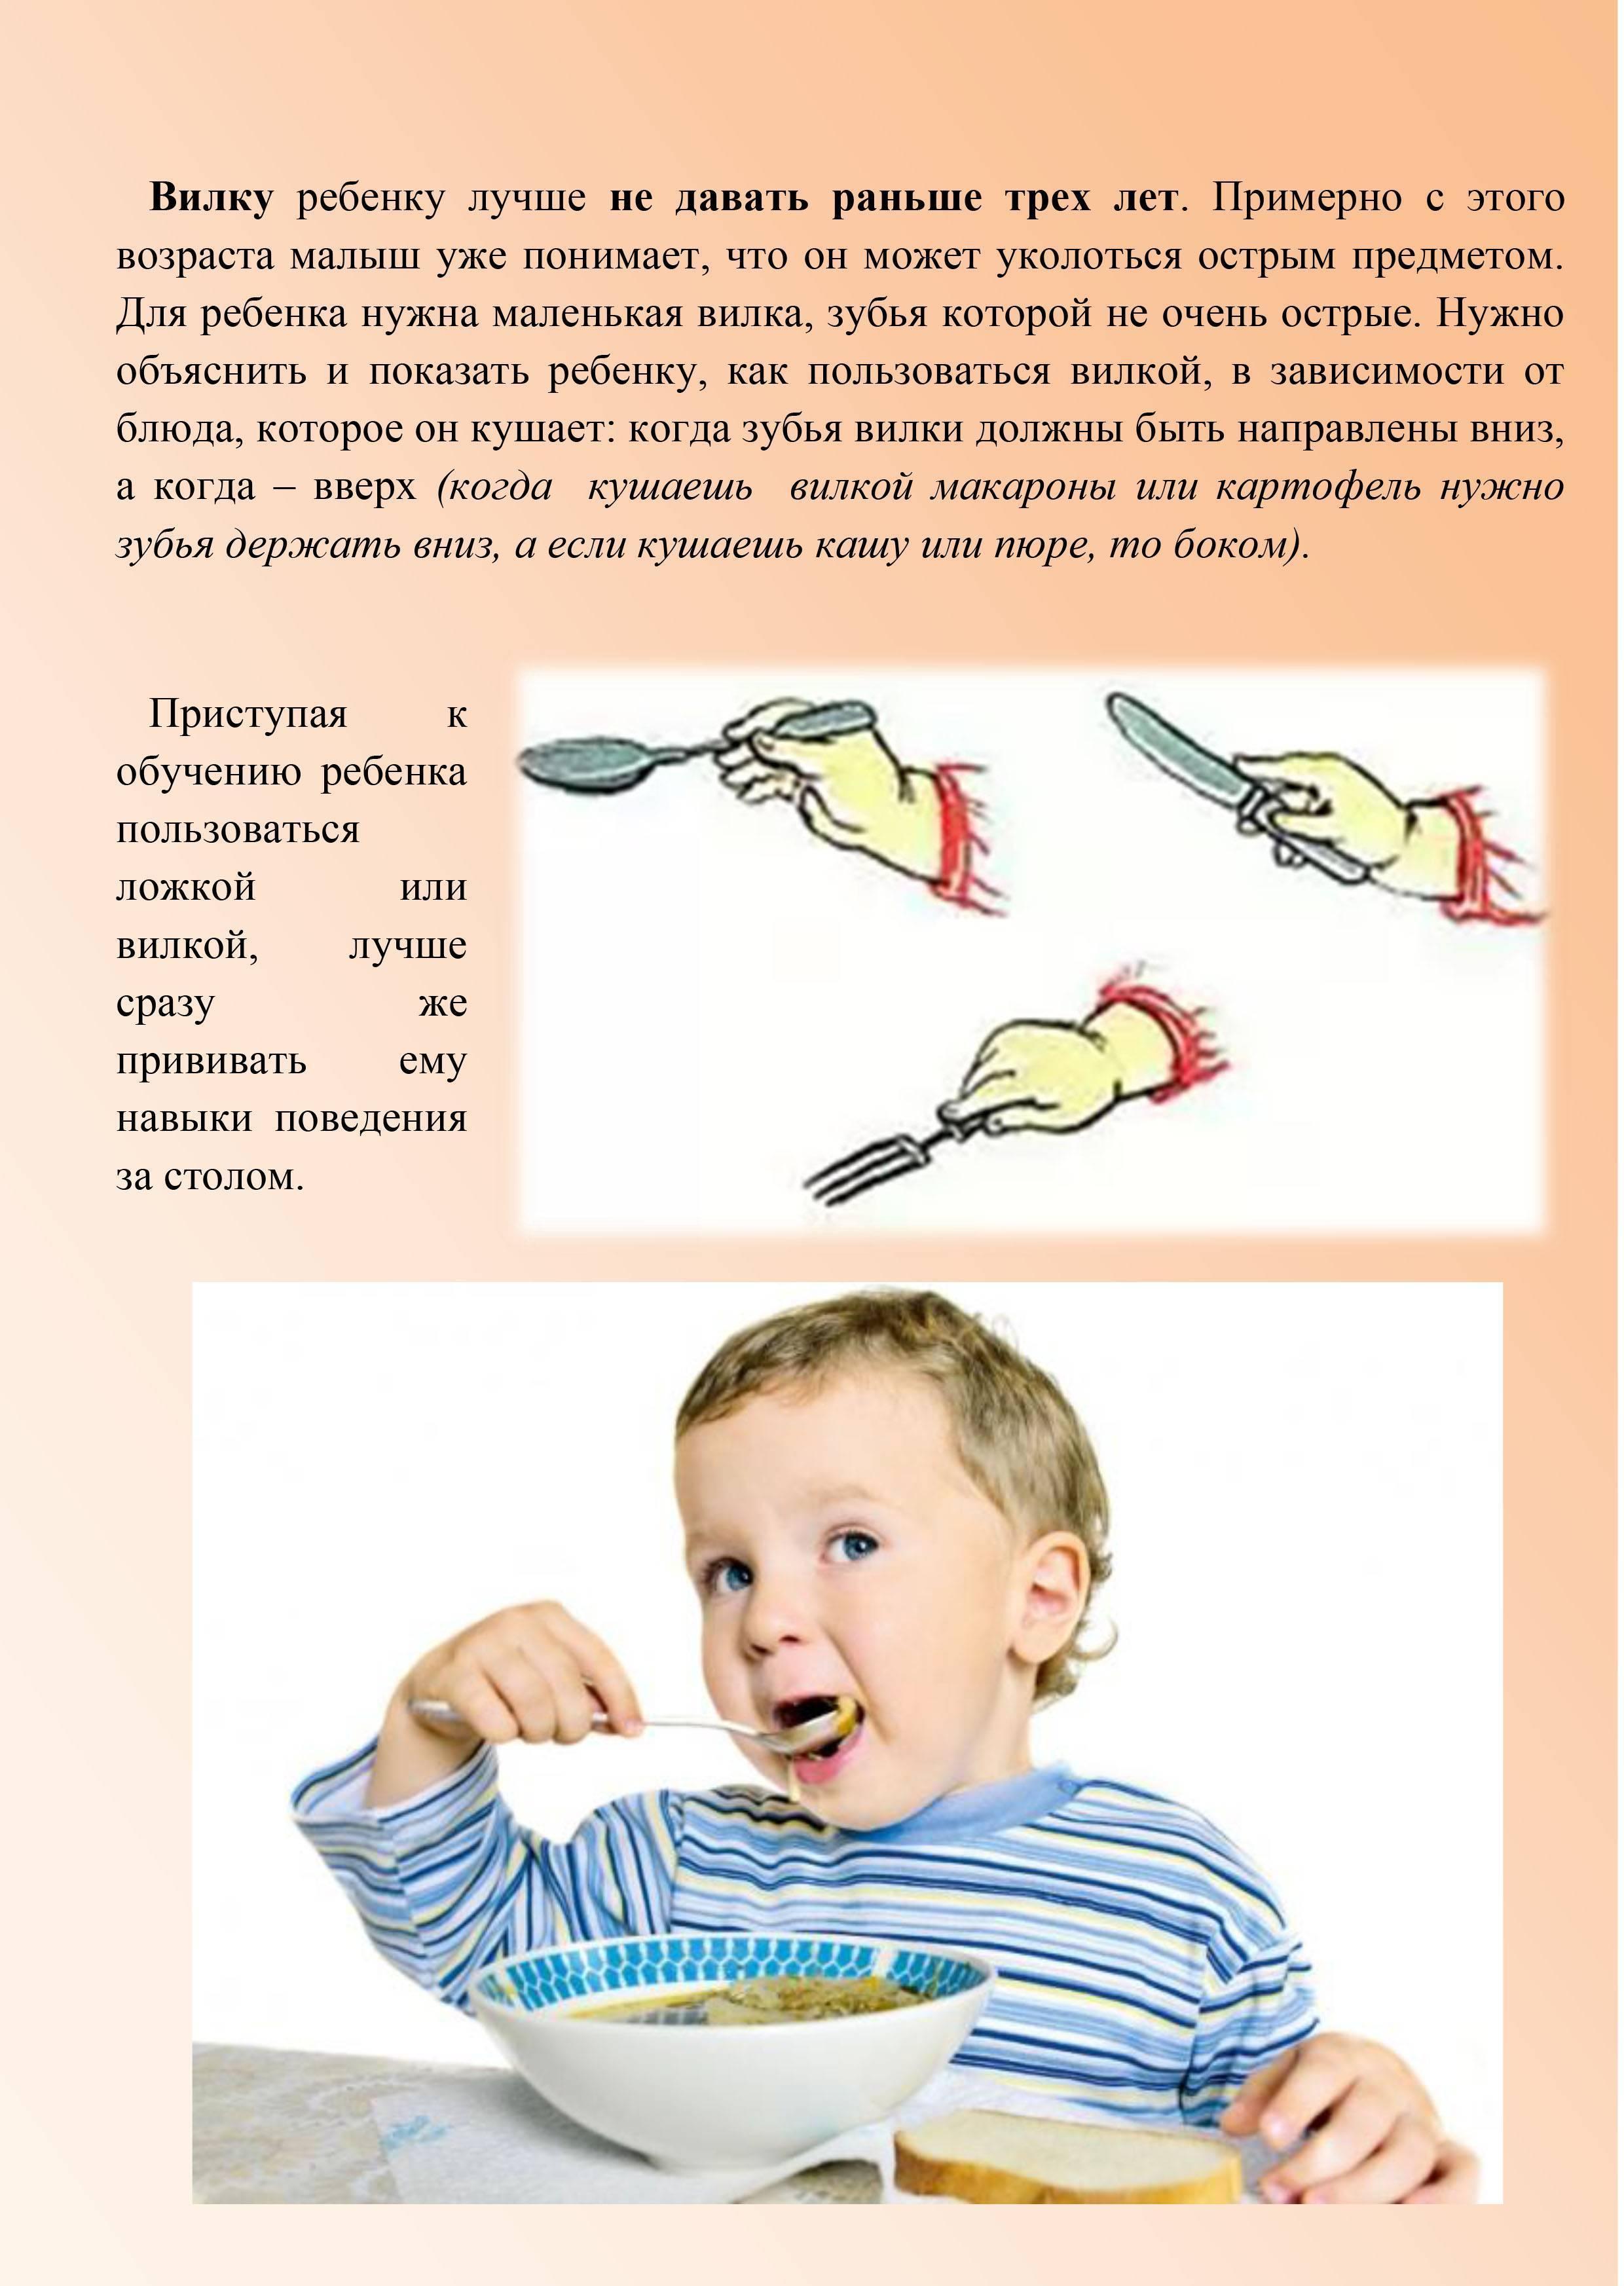 Как научить ребенка самостоятельно есть ложкой? как приучить его кушать самому? как правильно учить держать ложку?